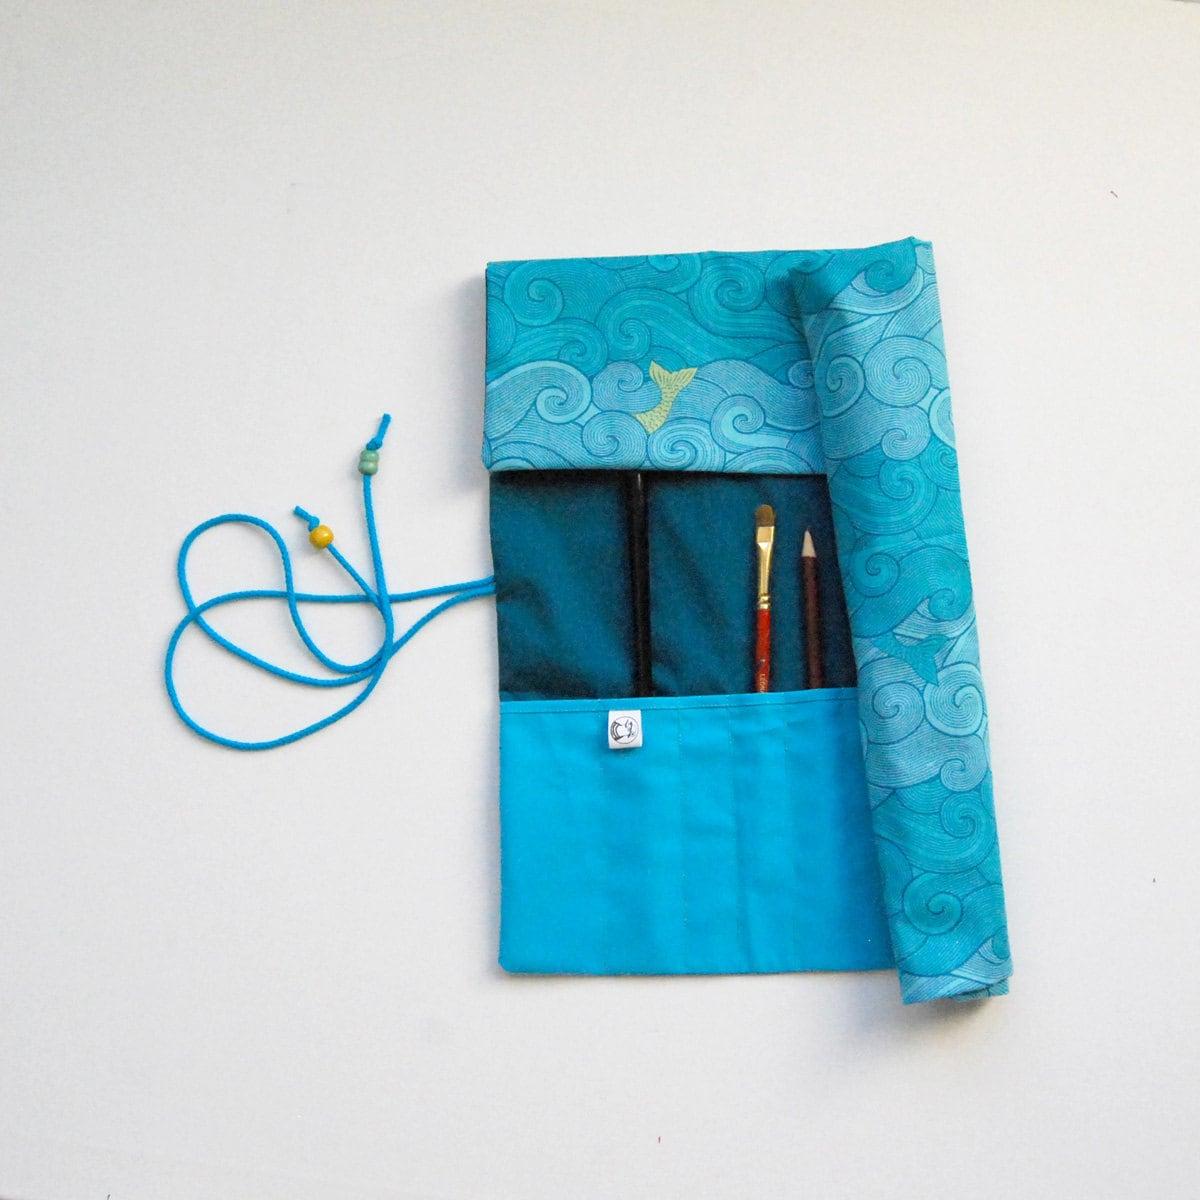 pochette rangement trousse artiste trousse peinture pinceaux. Black Bedroom Furniture Sets. Home Design Ideas